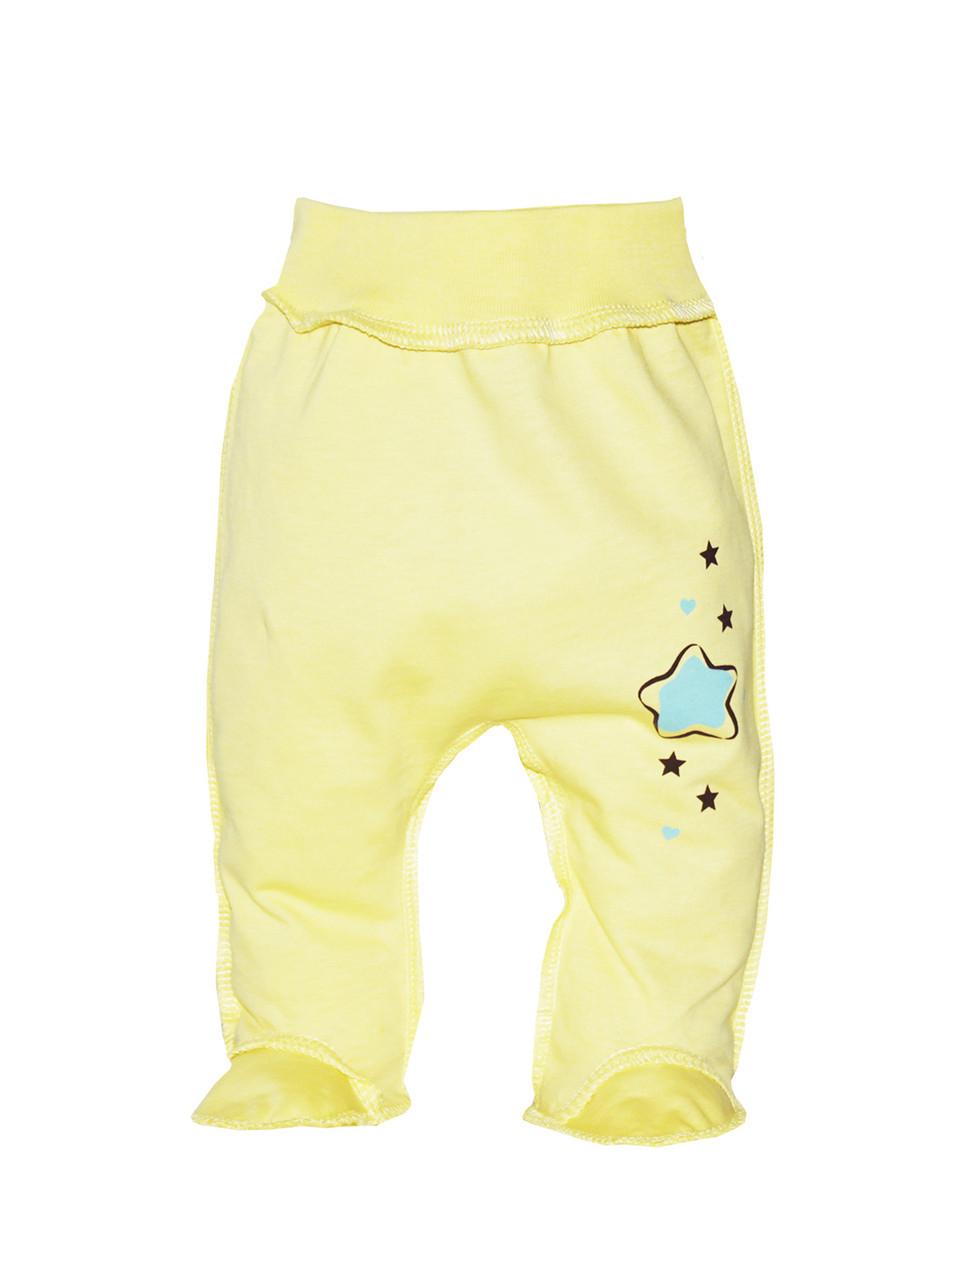 Ползунки для новорожденных Звезды желтые